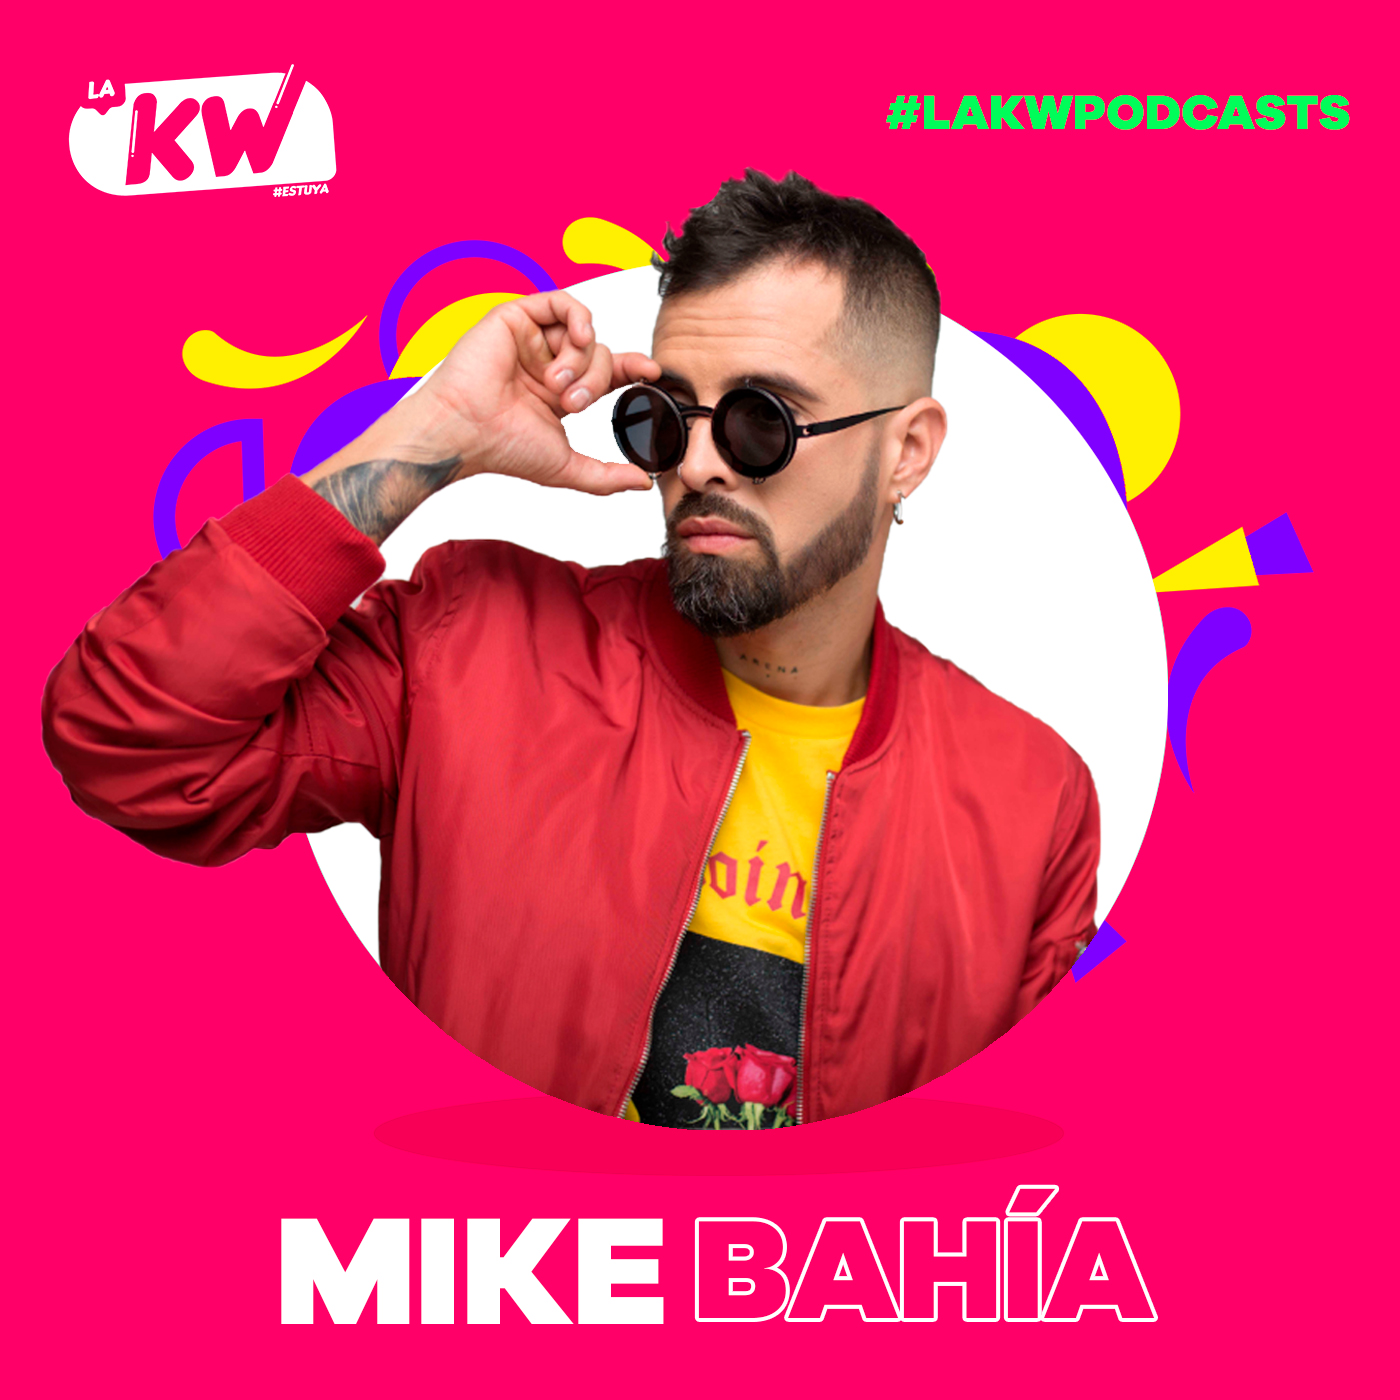 Mike Bahía en La KW